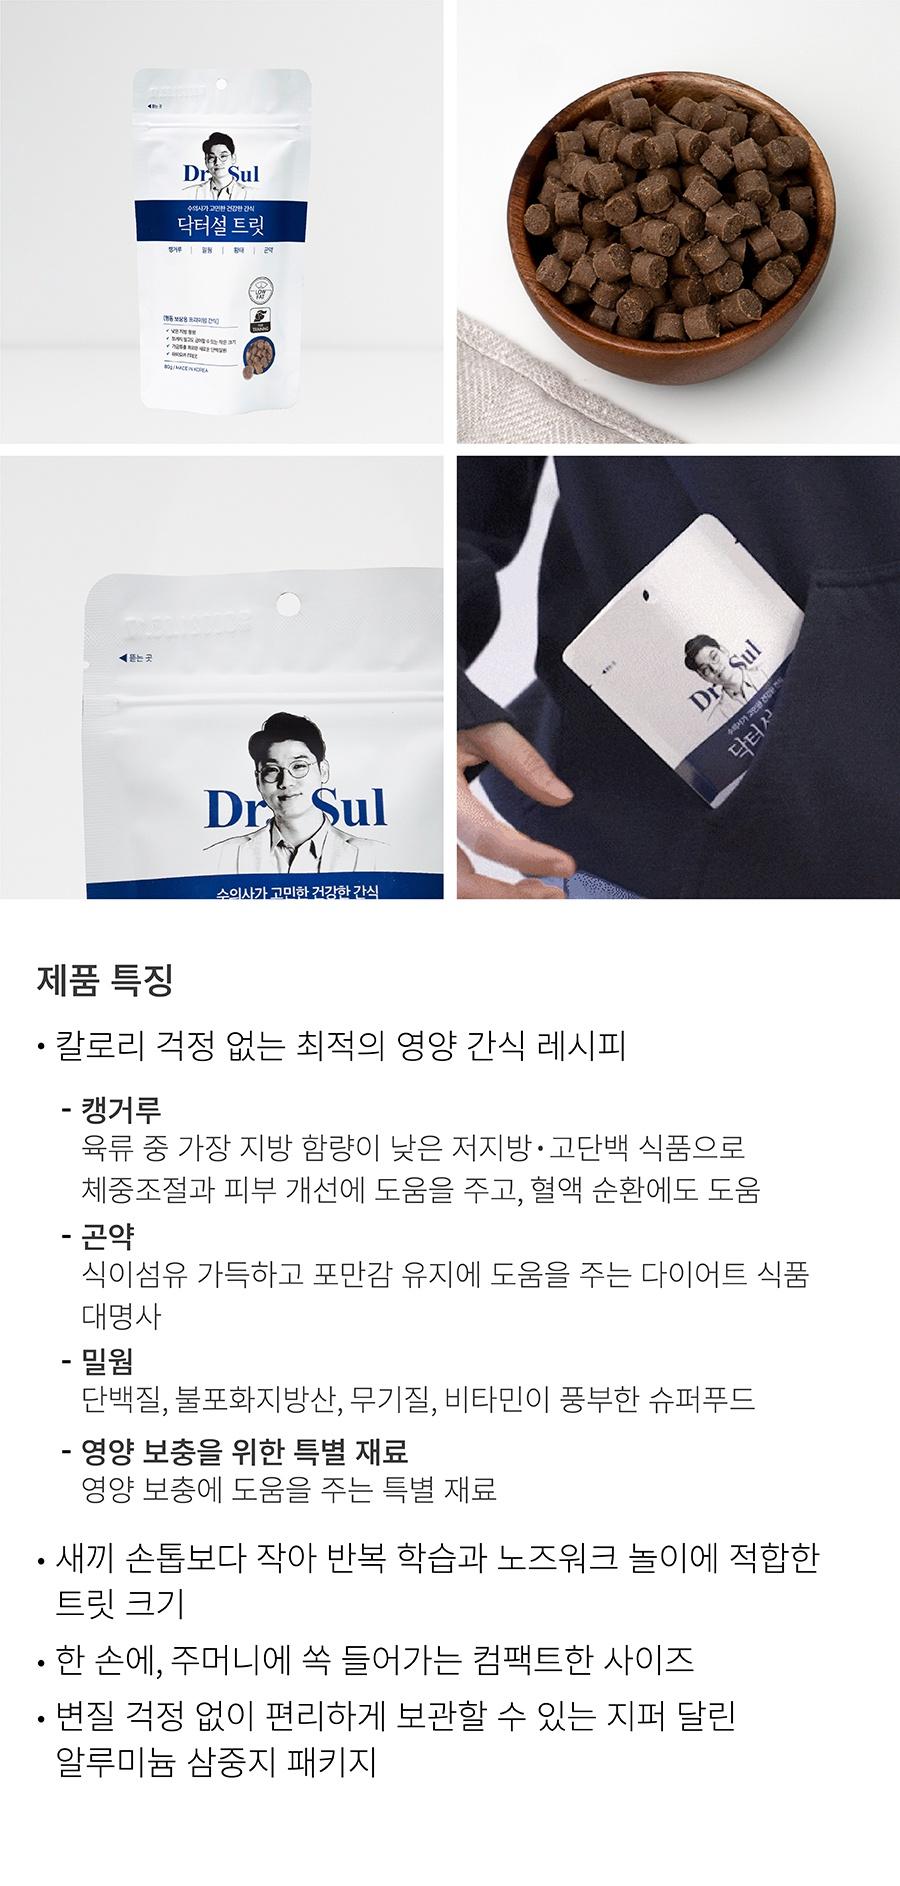 [오구오구특가]닥터설 트릿 오리지널 (6개세트)-상품이미지-10